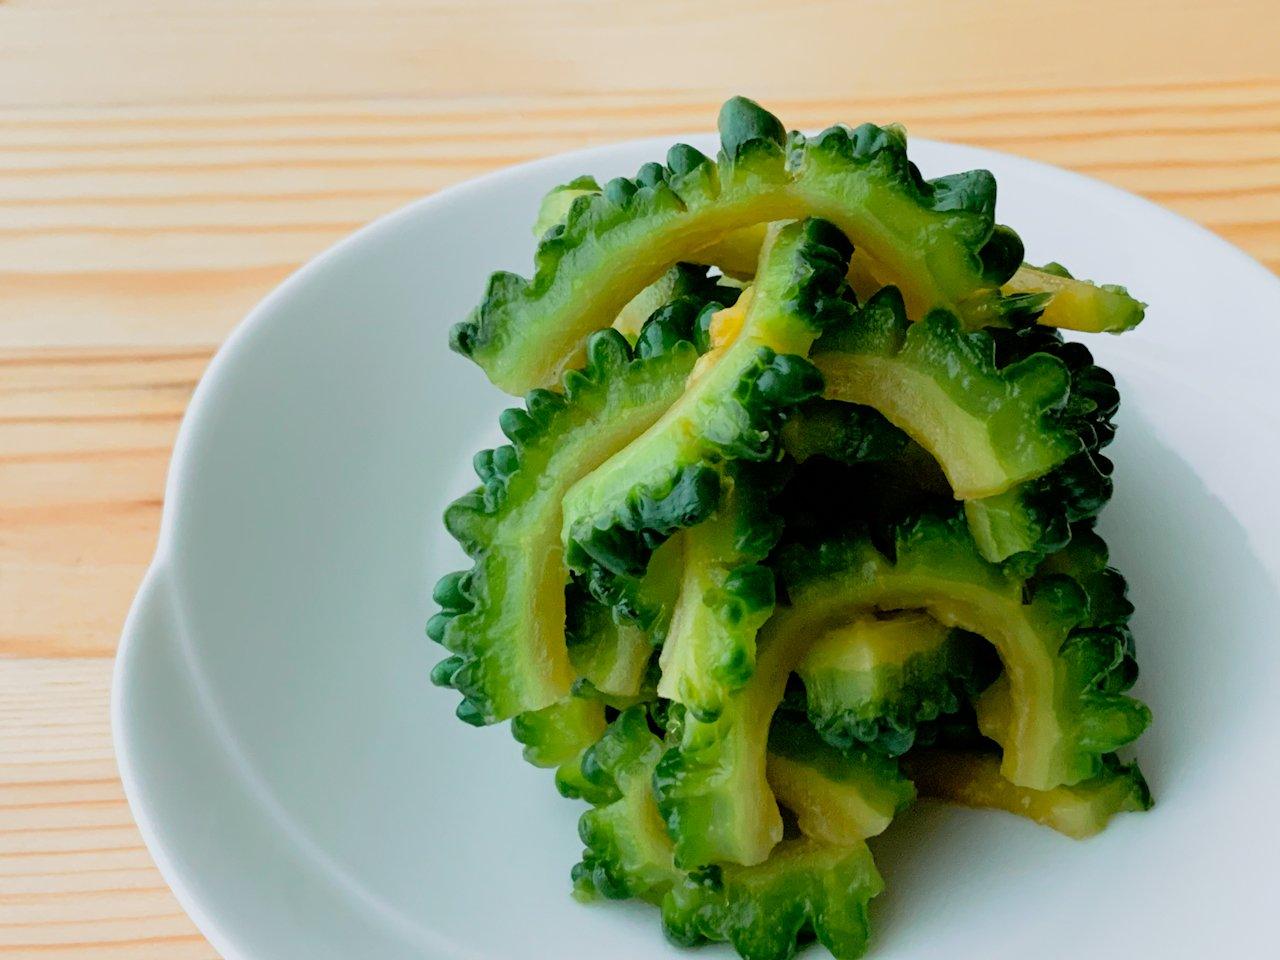 【野菜ひとつ】ゴーヤのレモン和え